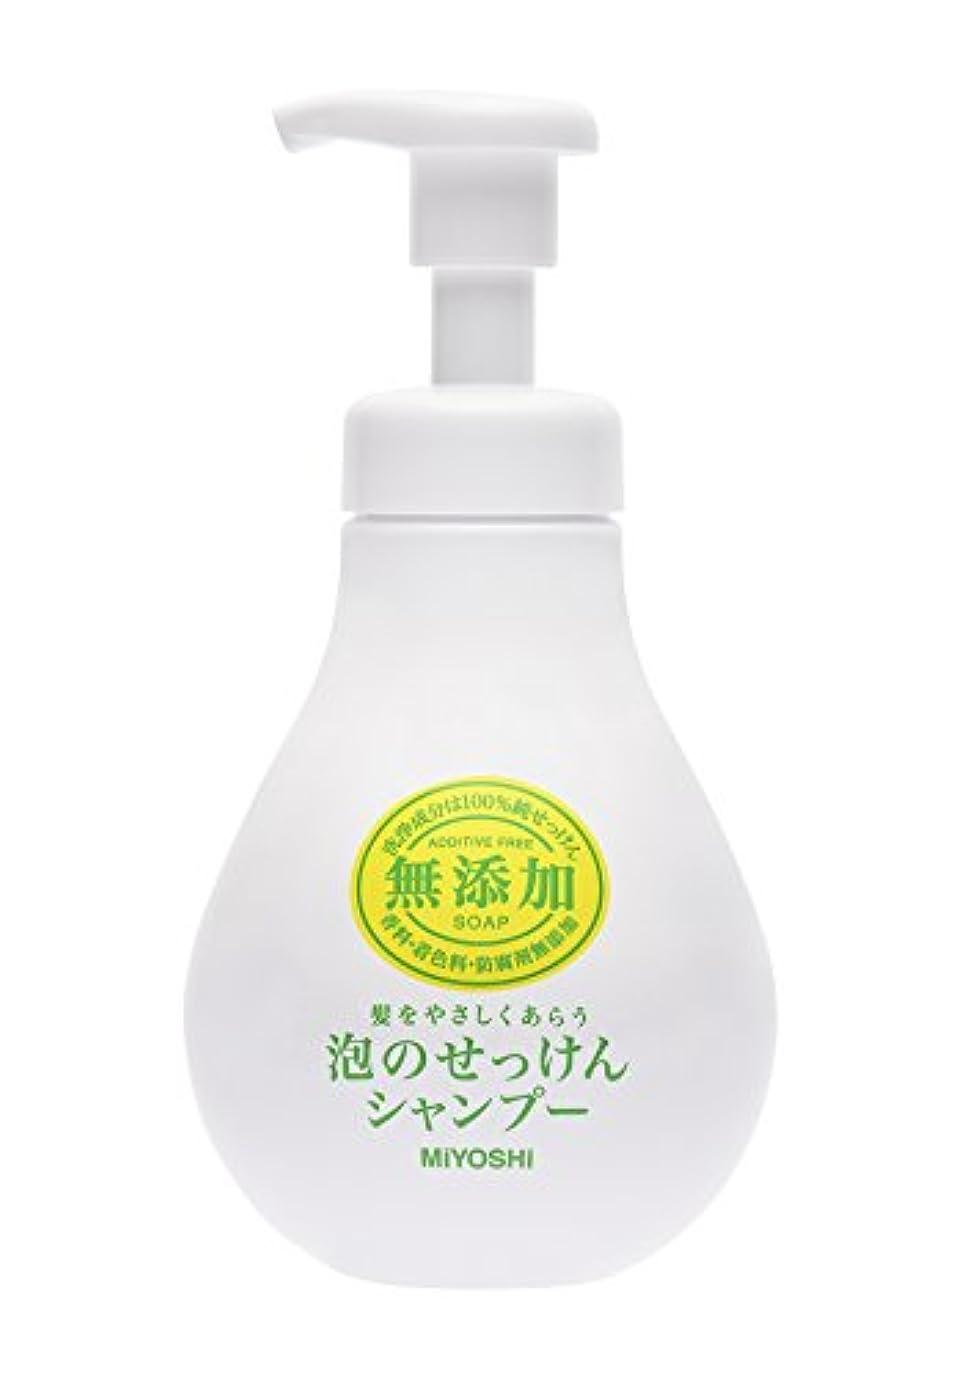 スパーク削除する連結するミヨシ石鹸 無添加 泡のせっけんシャンプー シャンプー本体 500mL